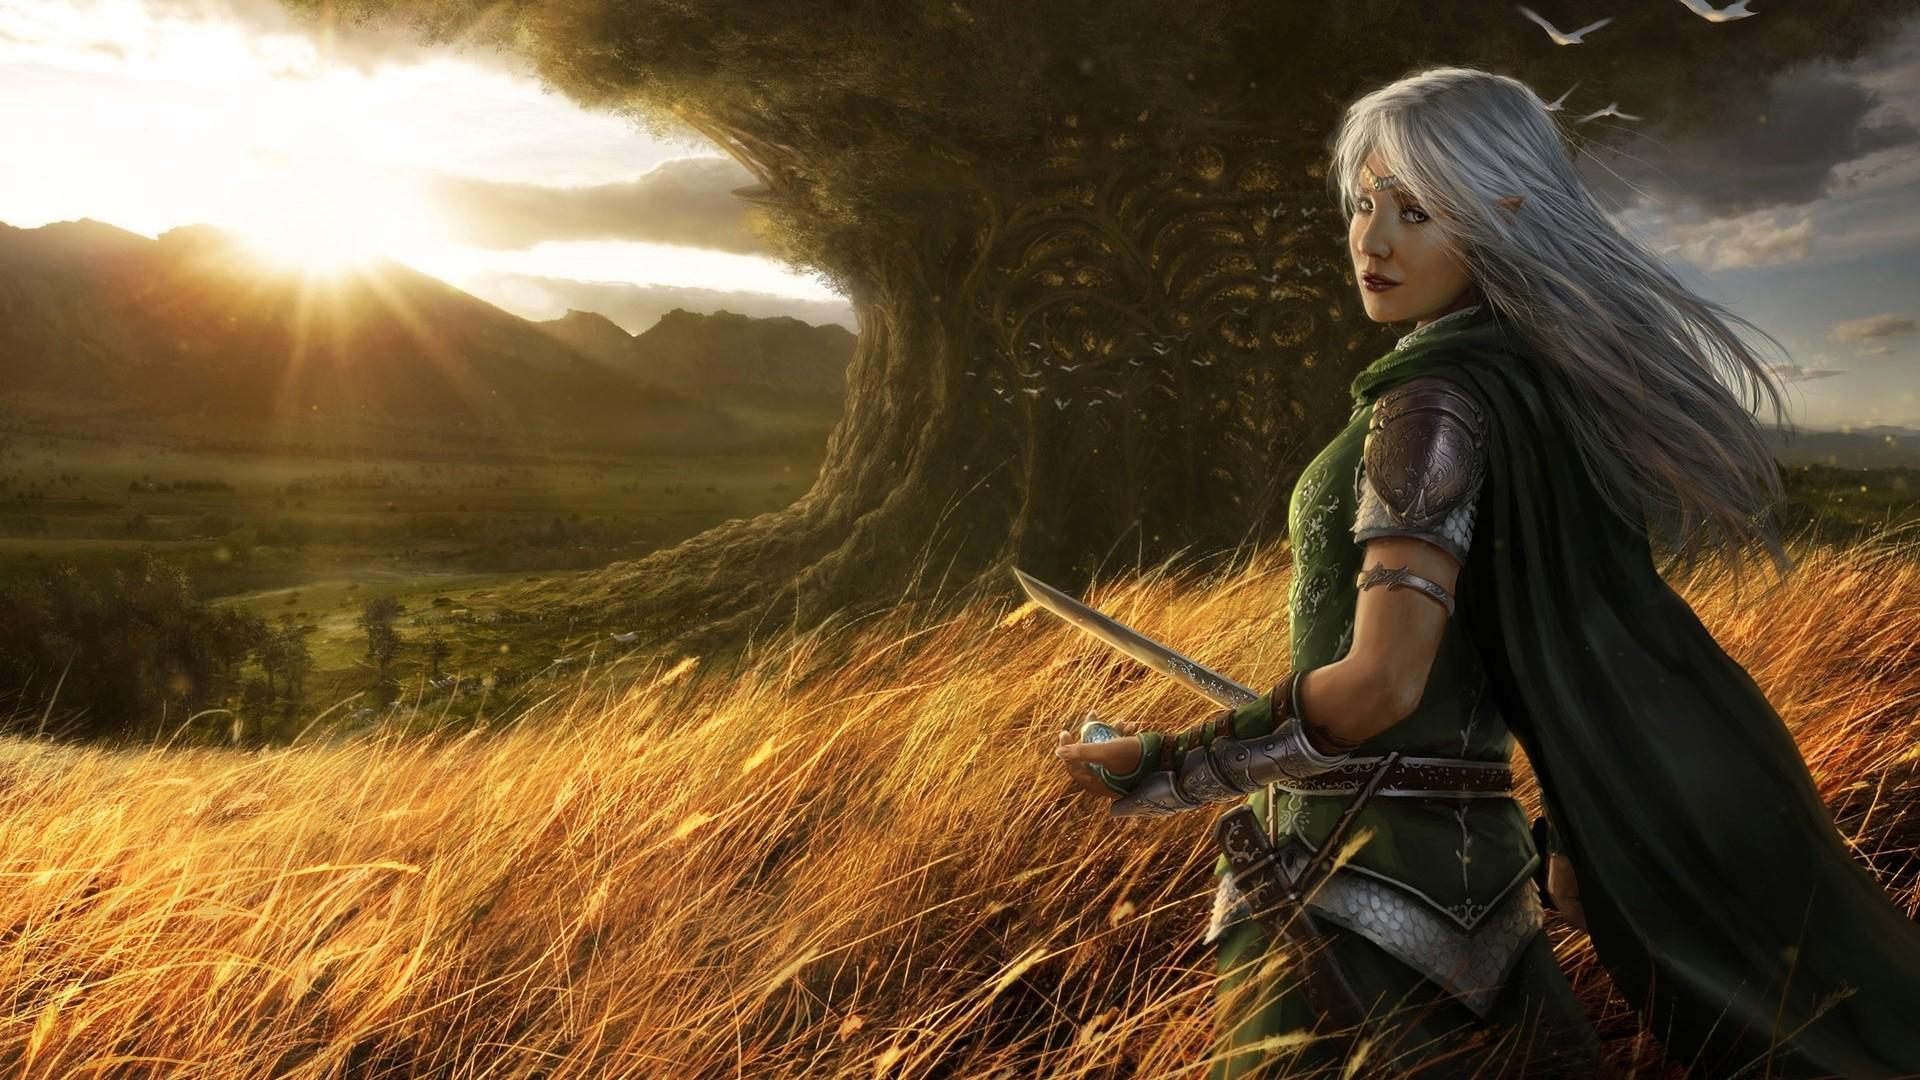 Free women warrior wallpaper background